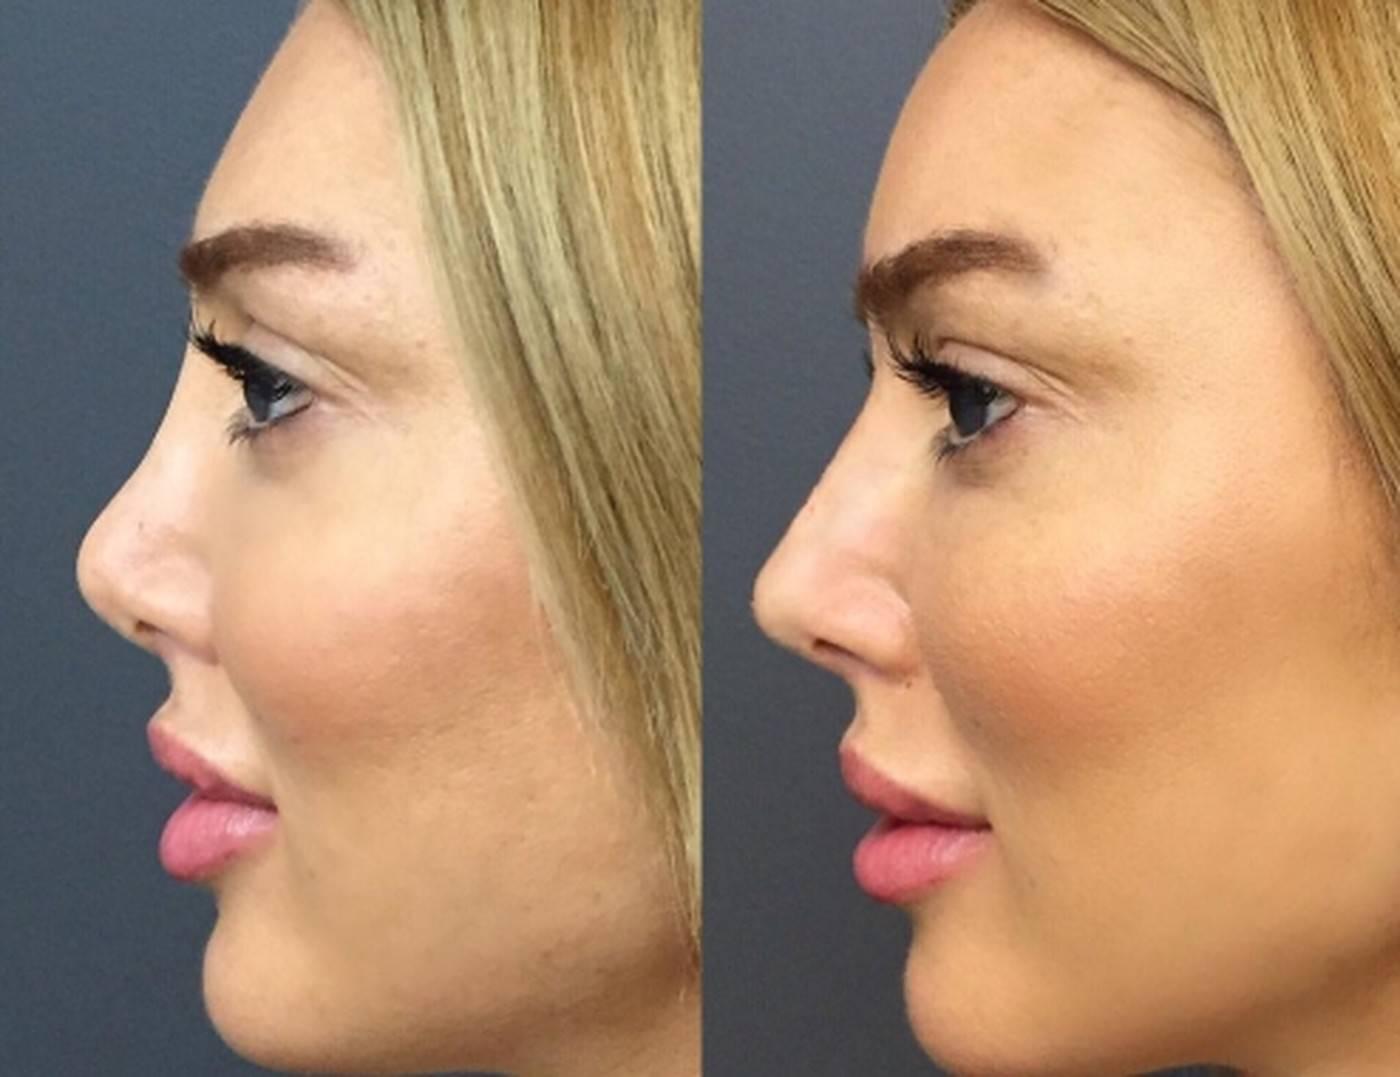 как исправить форму носа без операции